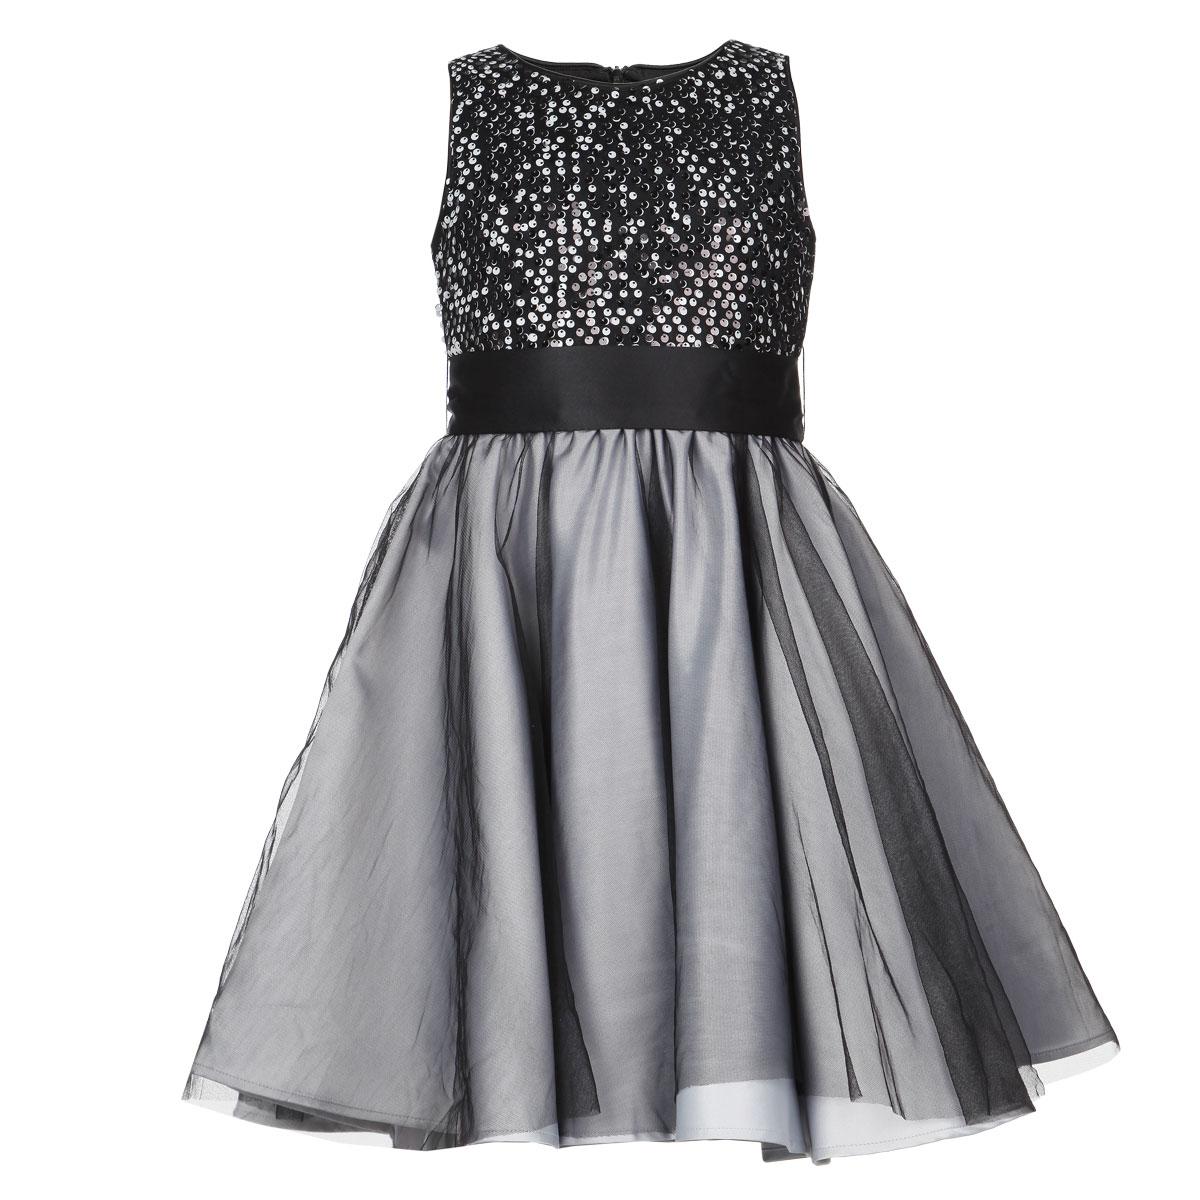 Платье для девочки. 215BBGK2505 - Button Blue215BBGK2505Очаровательное платье для девочки Button Blue идеально подойдет вашей маленькой принцессе. Изготовленное из высококачественного материала, оно необычайно мягкое и приятное на ощупь, не сковывает движения и позволяет коже дышать, не раздражает даже самую нежную и чувствительную кожу ребенка, обеспечивая наибольший комфорт. В качестве подкладки используется натуральный хлопок. Платье без рукавов и с круглым вырезом горловины по спинке застегивается на скрытую застежку-молнию, что позволяет легко переодеть ребенка. Предусмотрены шлевки для ремня. От завышенной линии талии заложены складочки, придающие изделию пышность. Многослойная юбка выполнена из атласного материала и дополнена верхним слоем из микросетки. Верхняя часть платья украшена пайетками. В комплект входит атласный поясок, завязывающийся по спинке в бант. Современный дизайн и модная расцветка делают это платье незаменимым предметом детского гардероба. В нем вашей маленькой принцессе будет комфортно и уютно, и она...